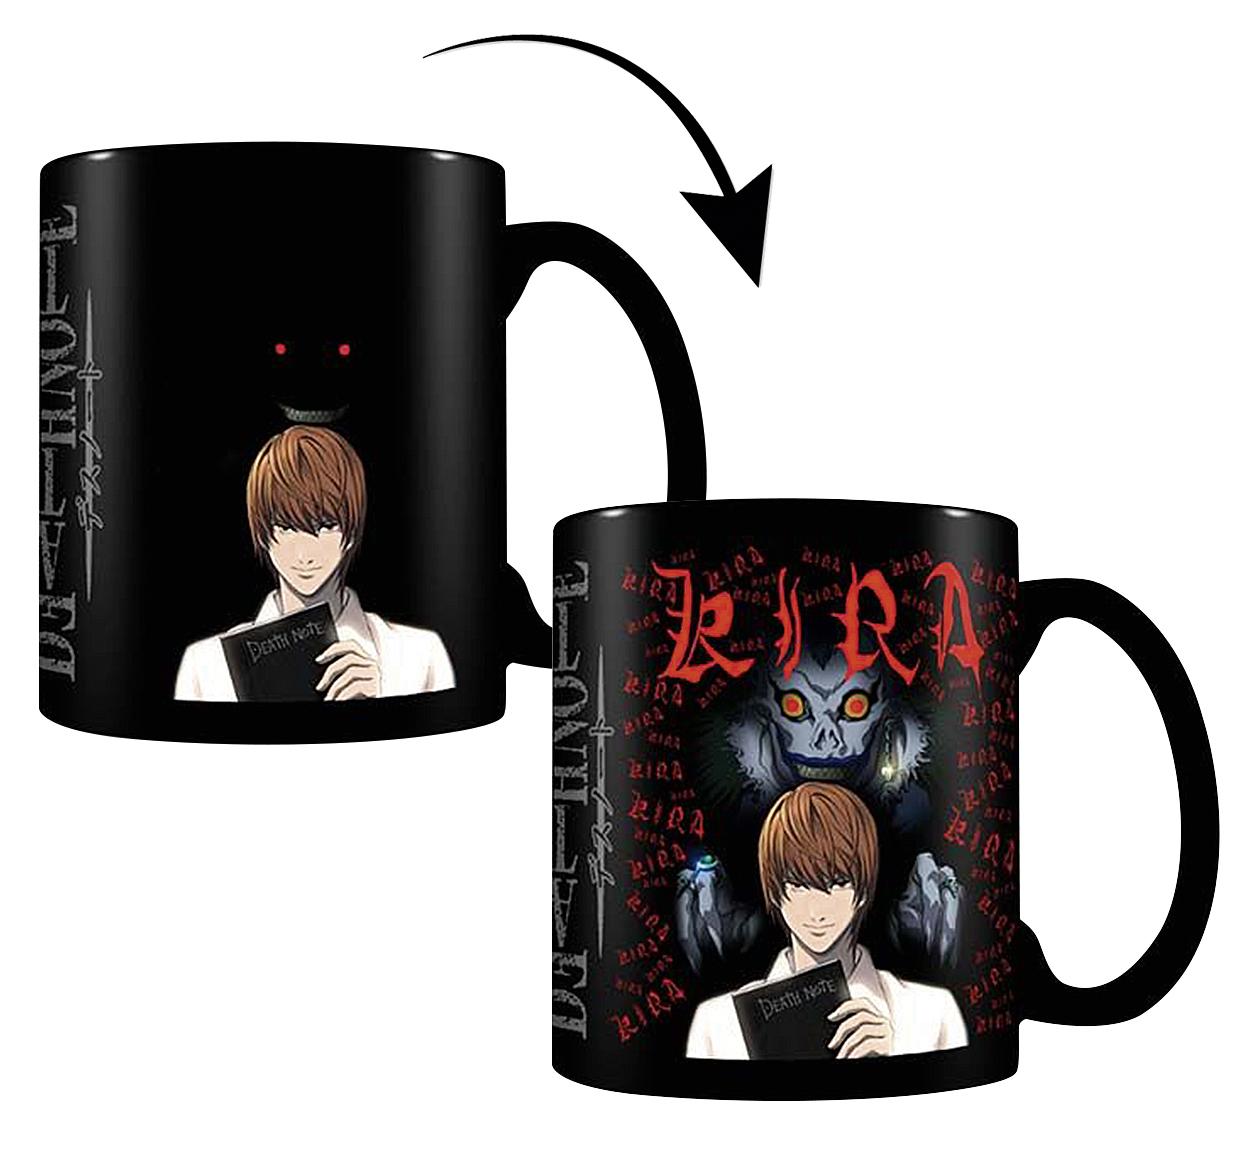 Mug thermo-réactif Kira Pyramid Death Note